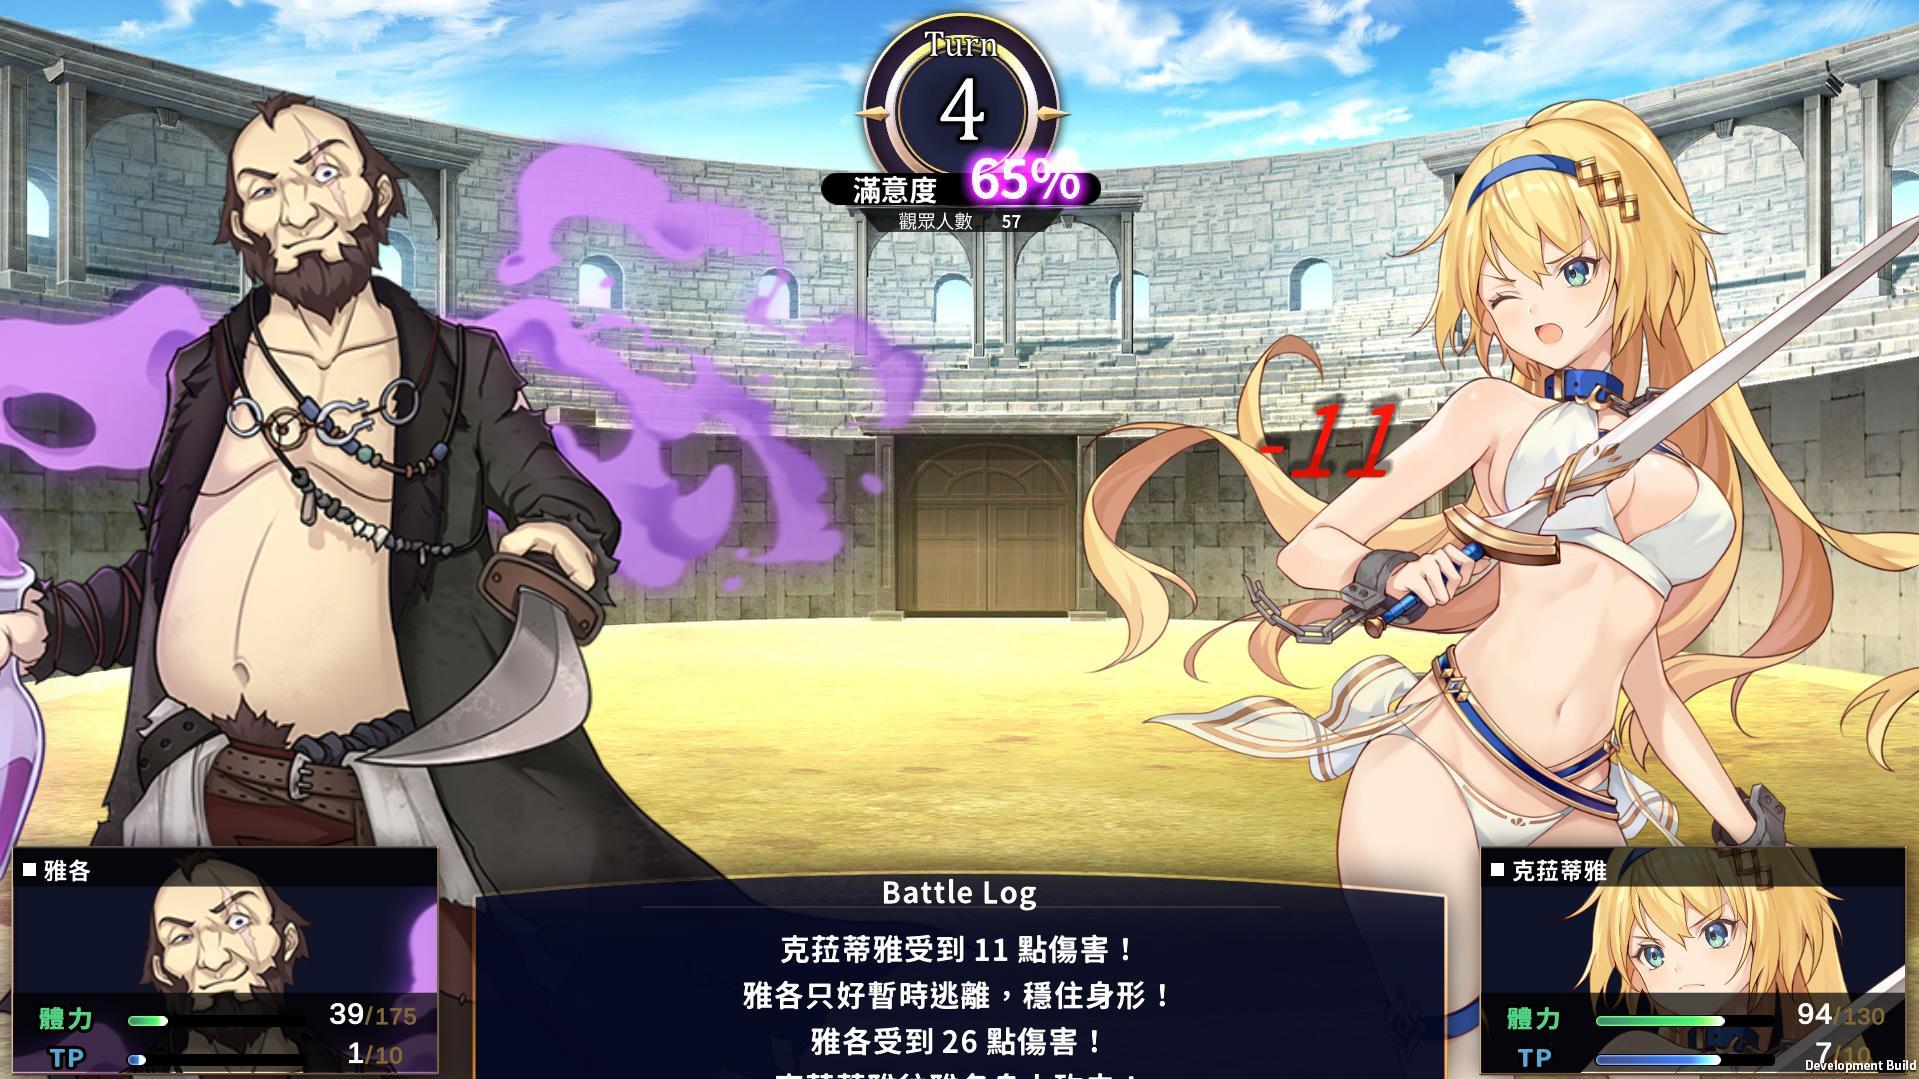 【無聖光】國產18禁遊戲《赫雷斯的角鬥場》Steam上架!支援單手操作!